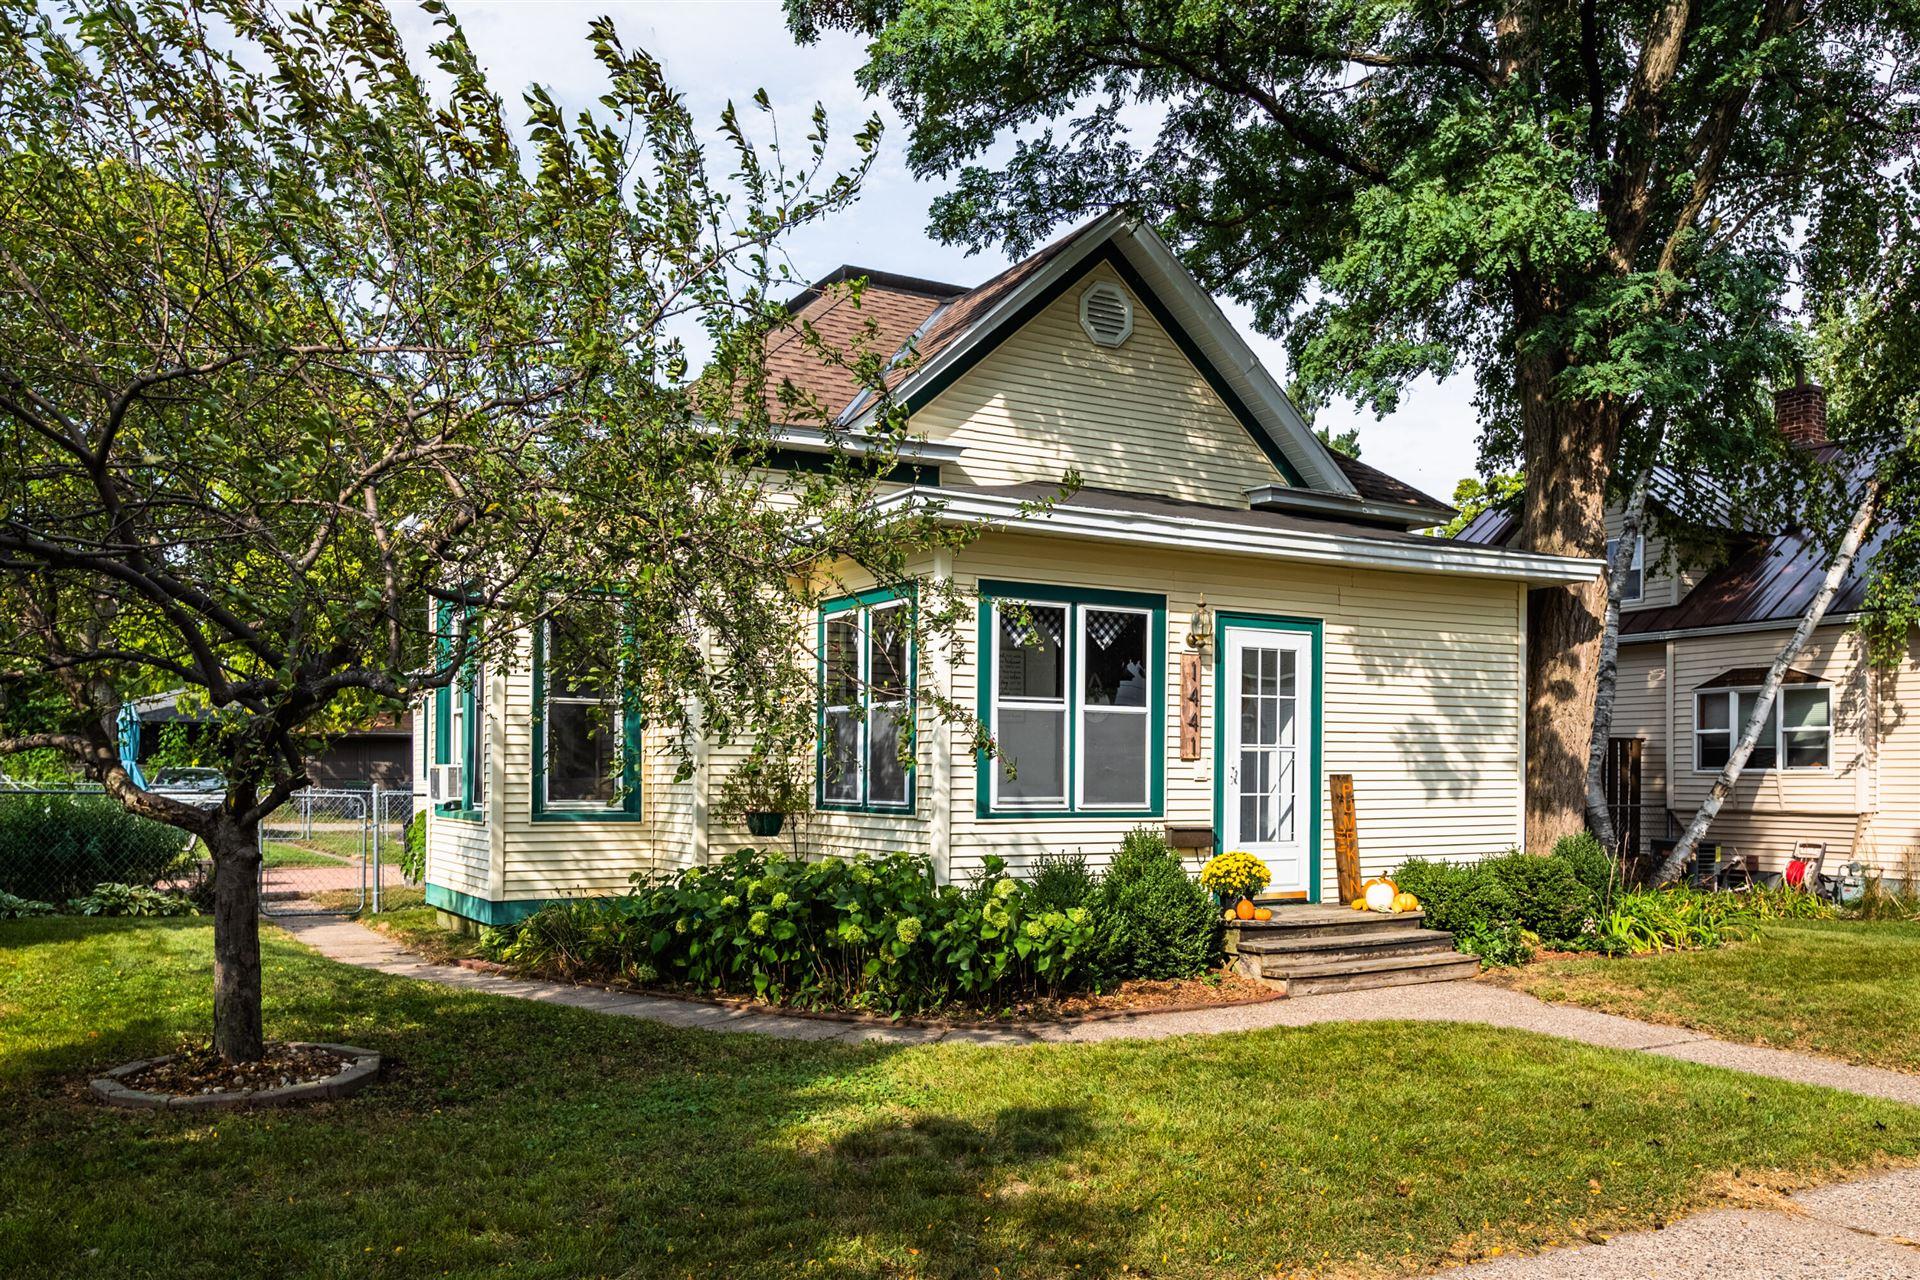 1441 Redfield St, La Crosse, WI 54601 - MLS#: 1764931